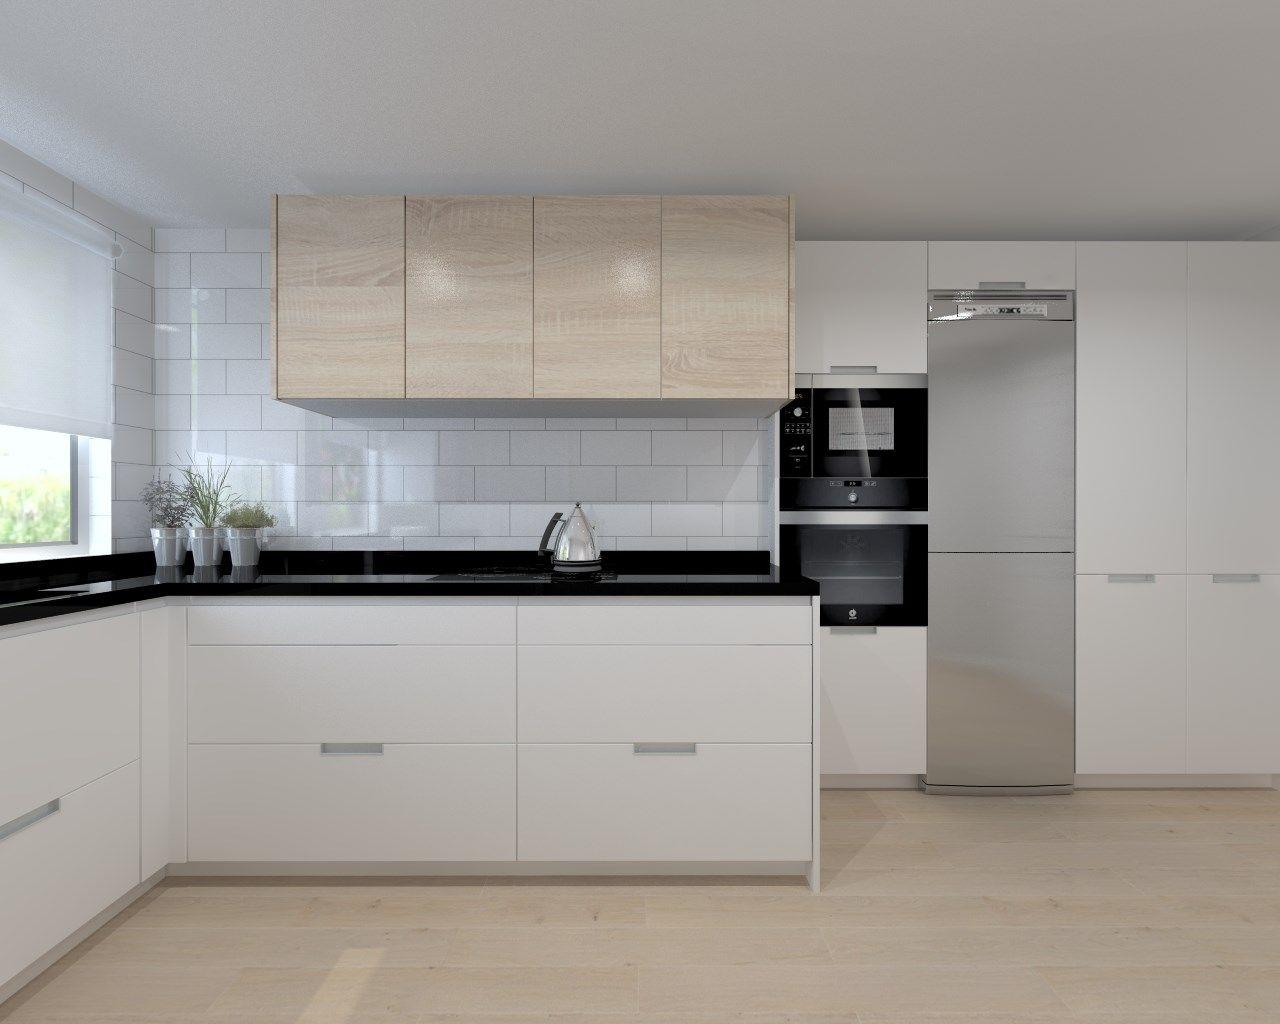 Cocina santos modelo line estratificado blanco con for Encimera cocina granito